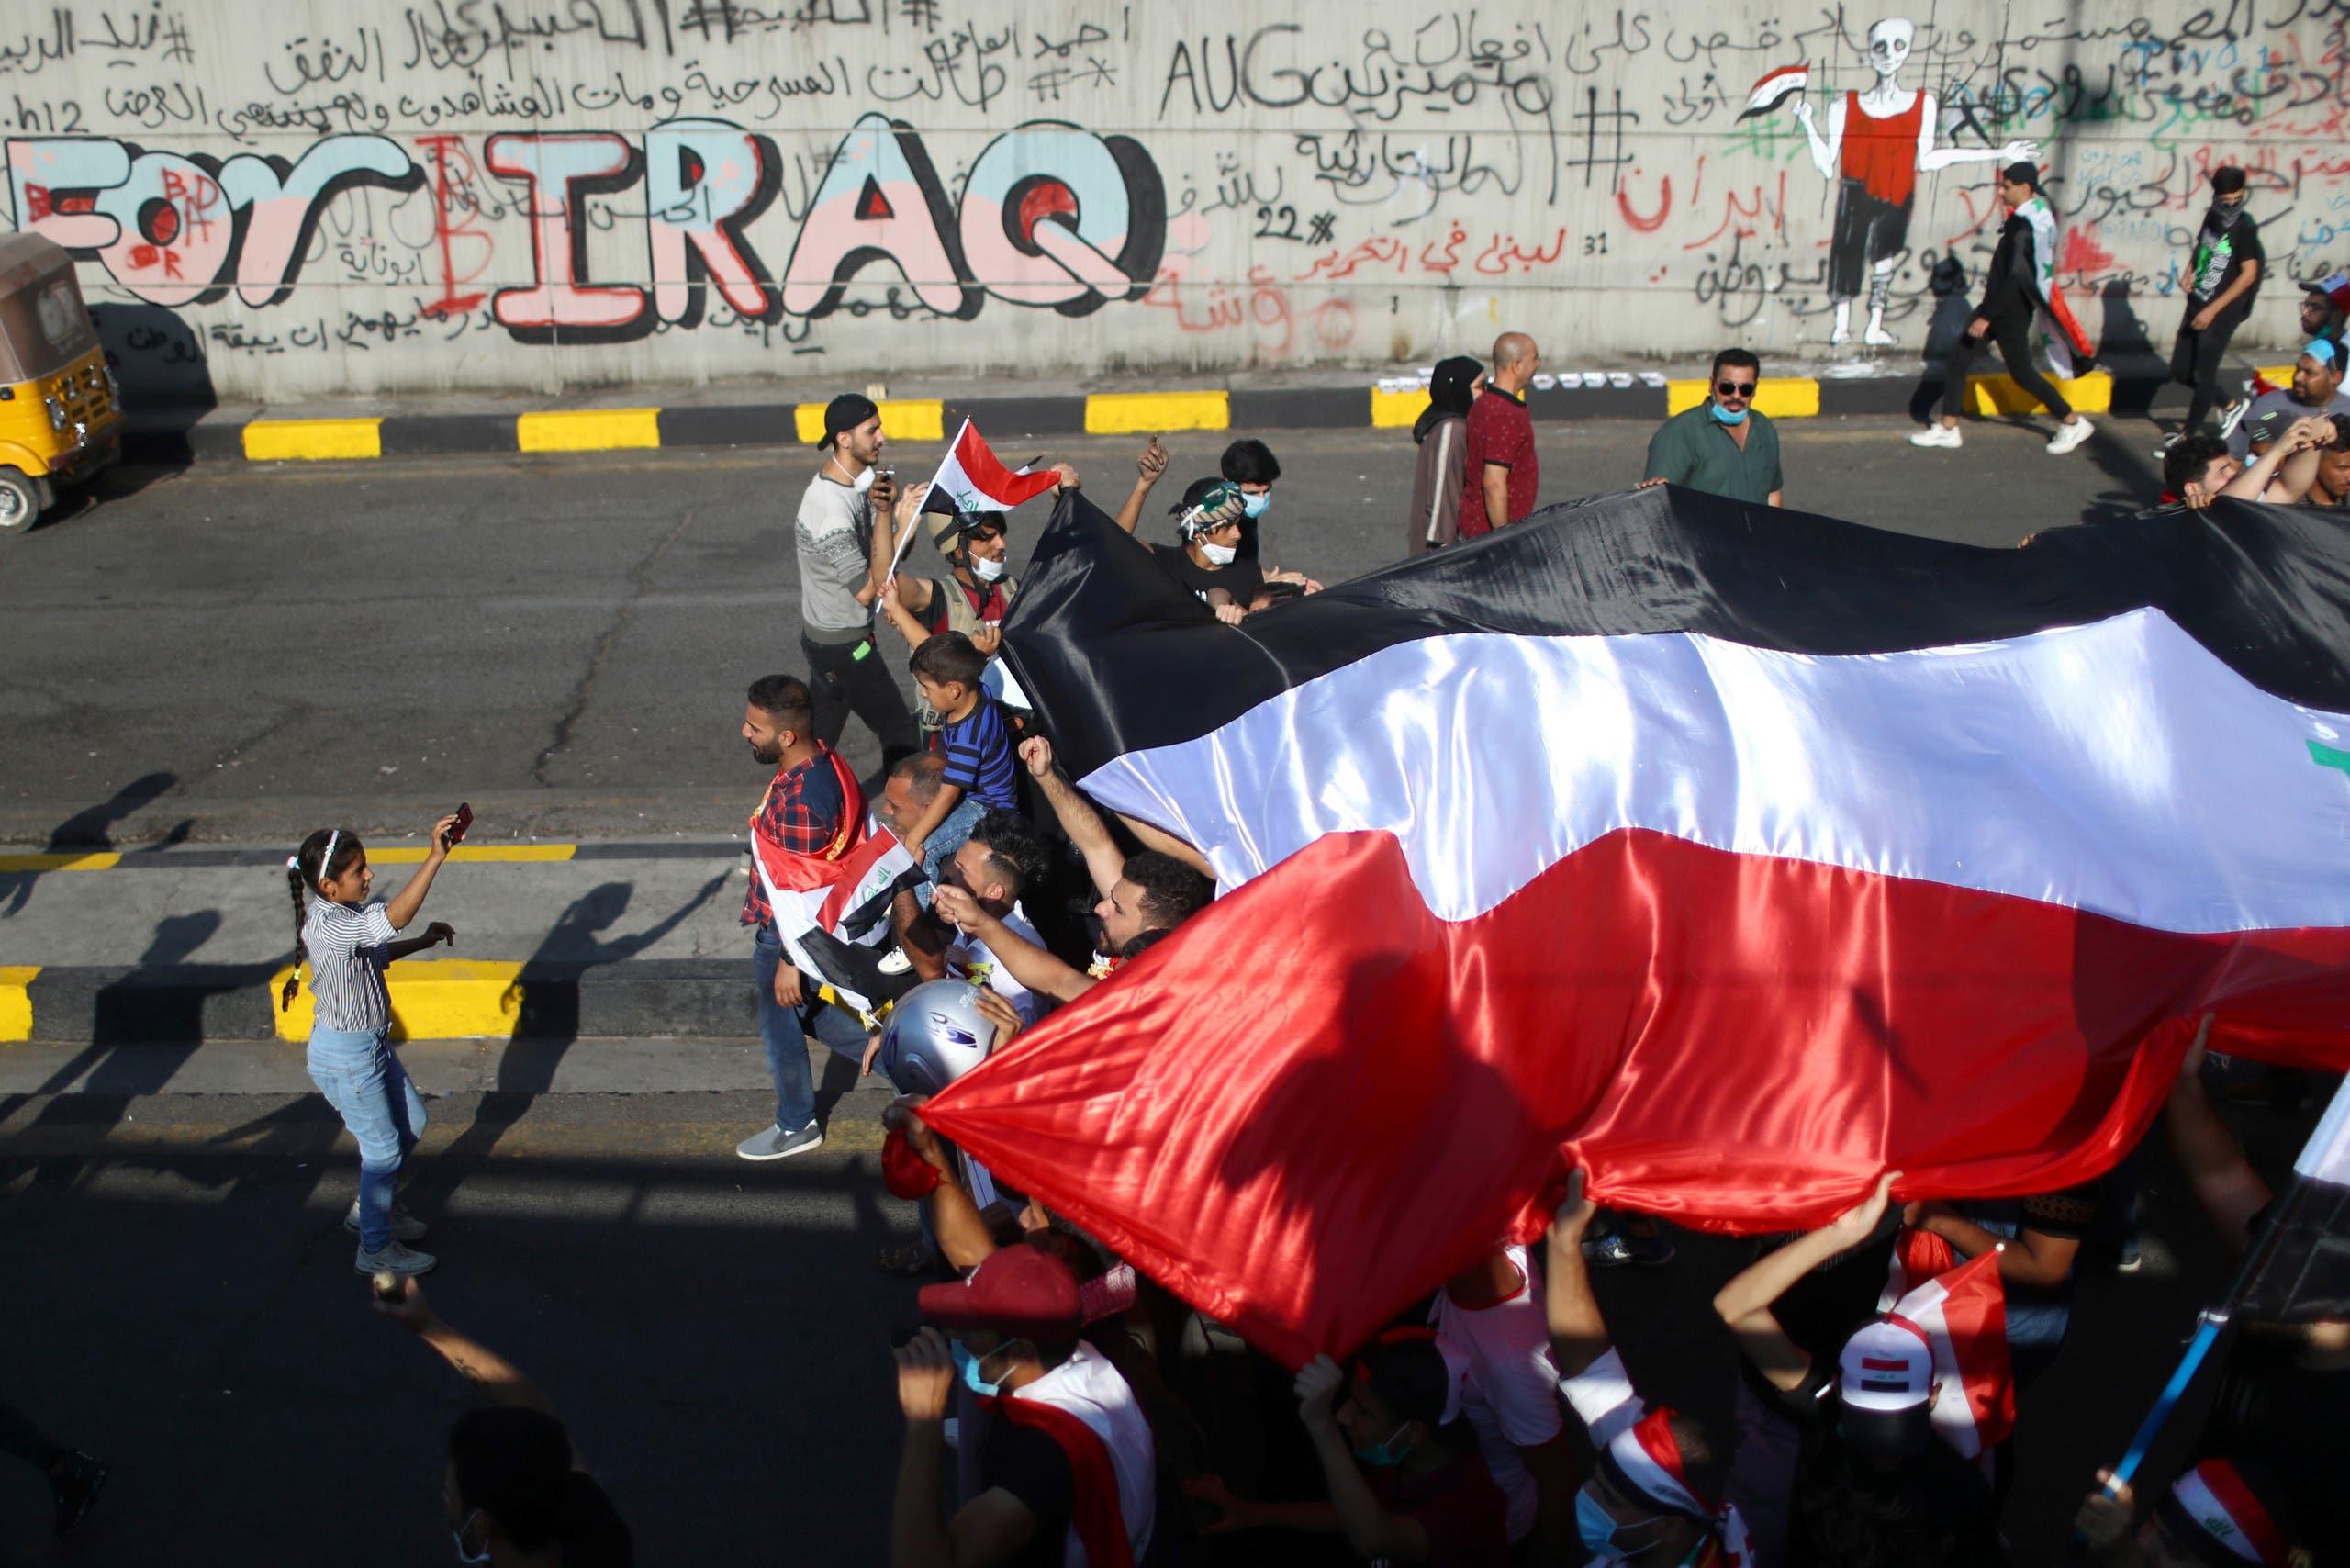 من احتجاجات العراق 1 نوفمبر - رويترز